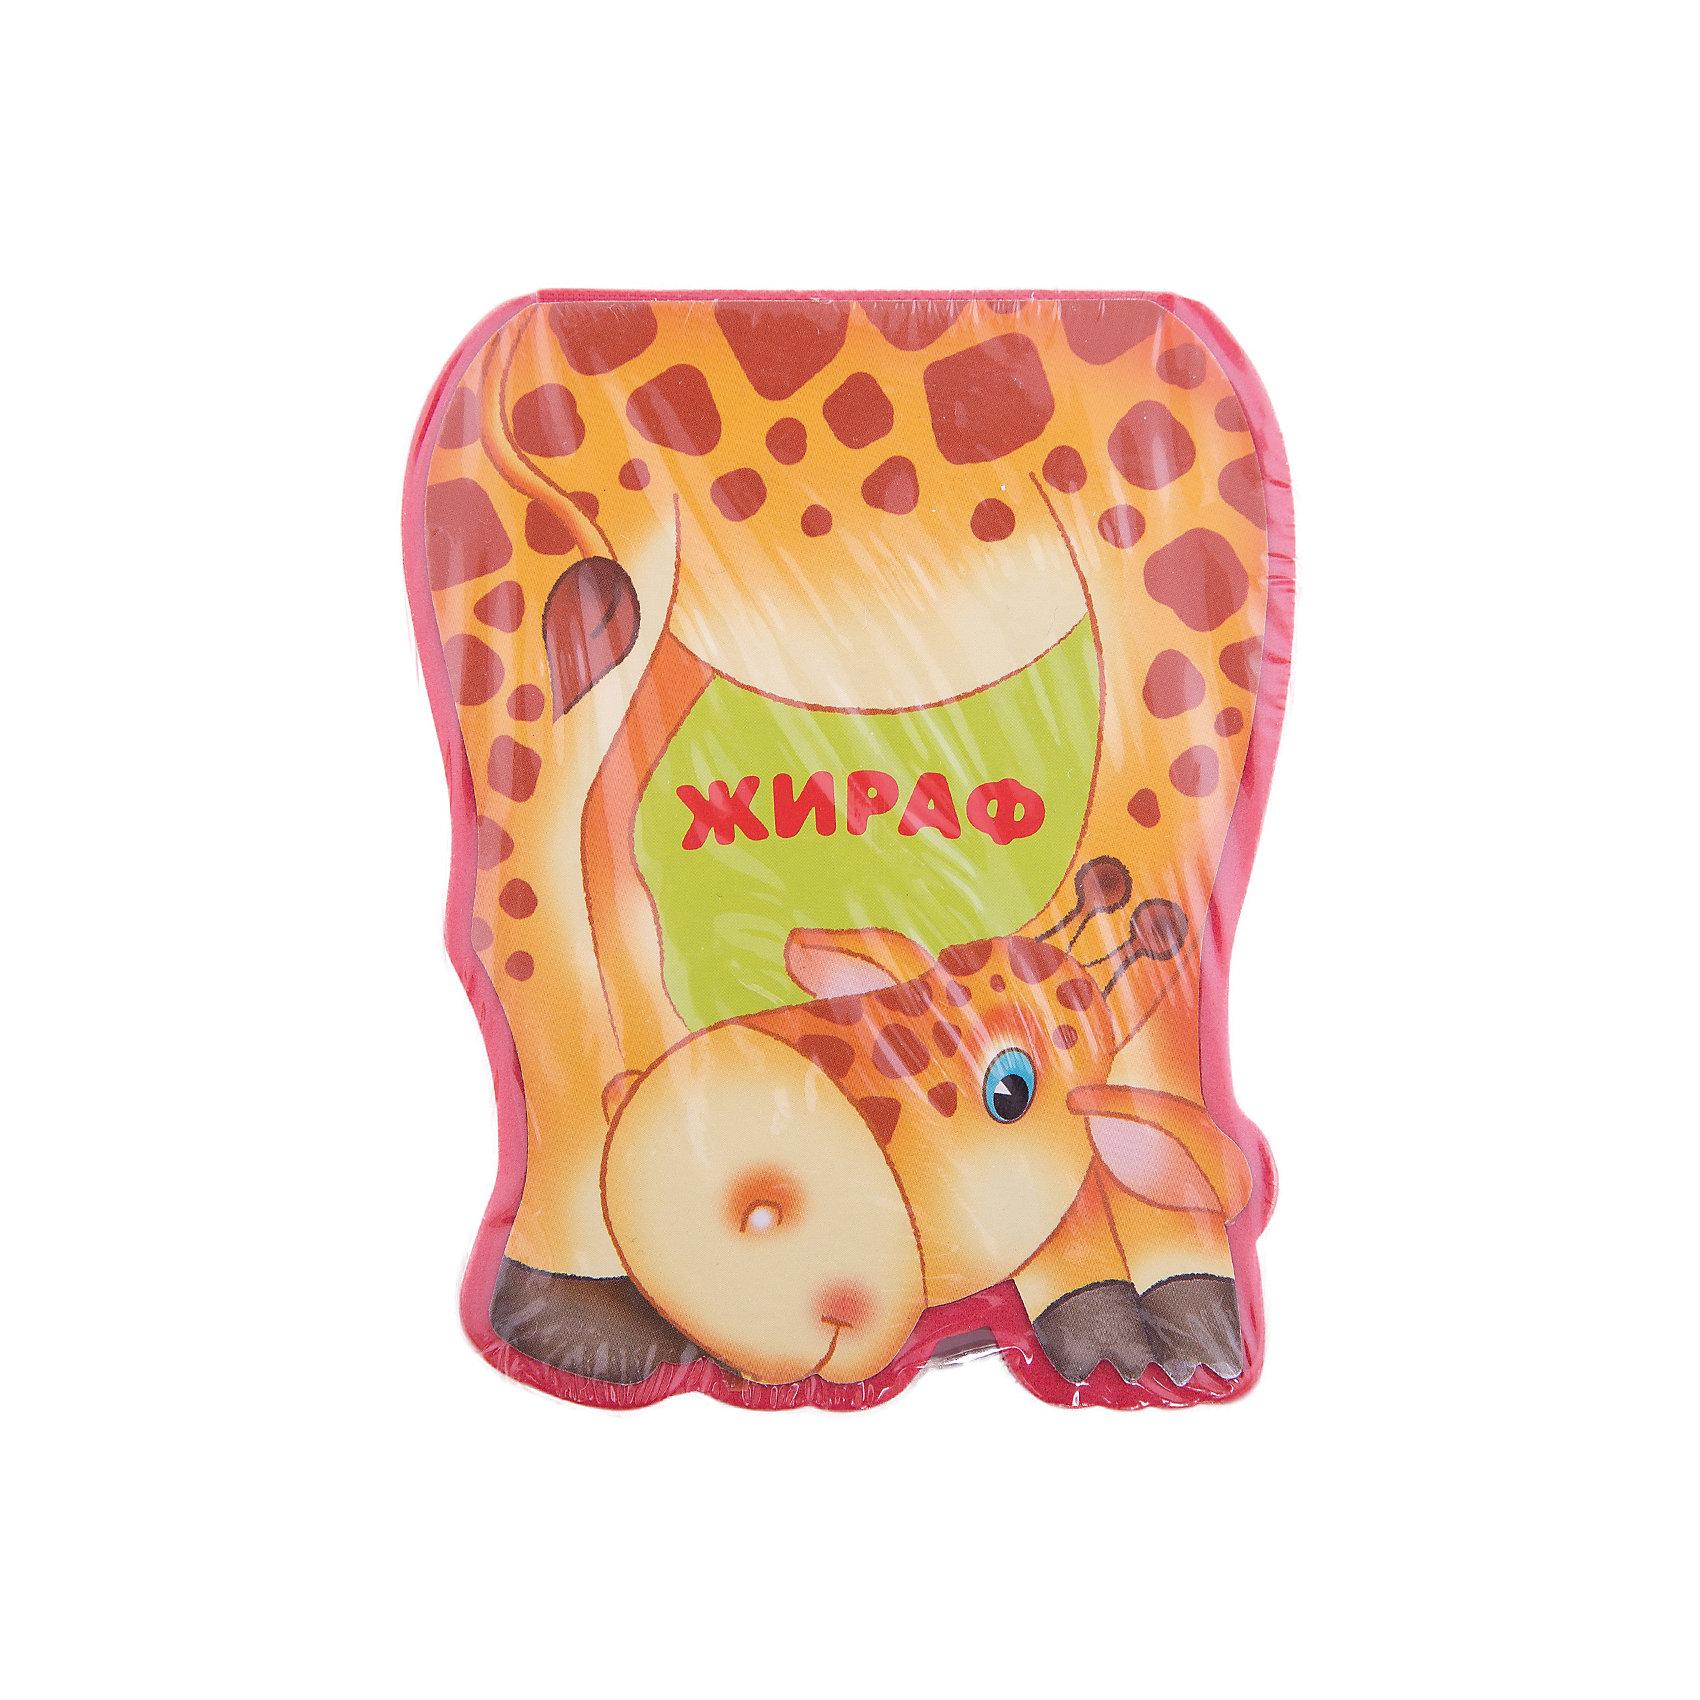 Книга ЖирафЖираф, Мозаика-Синтез – эта яркая забавная книжка обязательно понравится вашему малышу.<br>Разноцветные книжки серии «Забавные зверушки» предназначены для самых маленьких детей. Веселые стихи расскажут малышу о приключениях высокого жирафа Джерри. Яркие картинки закрепляют представления об окружающем мире, а плотные и одновременно мягкие странички из пены EVA помогают развивать мелкую моторику рук. Небольшие по формату, книжки легко поместятся в руках у малыша.<br><br>Дополнительная информация:<br><br>- Авторы: Л. Бурмистрова, В. Мороз<br>- Иллюстраторы: Ирина Сучилина, Ольга Налетова<br>- Издательство: Мозаика-Синтез<br>- Серия: Забавные зверушки<br>- Тип обложки: мягкая обложка<br>- Оформление: вырубка, лакировка<br>- Иллюстрации: цветные<br>- Страниц: 10<br>- Размеры: 105x85x30 мм.<br>- Вес: 45 гр.<br><br>Книгу «Жираф», Мозаика-Синтез можно купить в нашем интернет-магазине.<br><br>Ширина мм: 110<br>Глубина мм: 90<br>Высота мм: 25<br>Вес г: 46<br>Возраст от месяцев: 12<br>Возраст до месяцев: 48<br>Пол: Унисекс<br>Возраст: Детский<br>SKU: 3756278